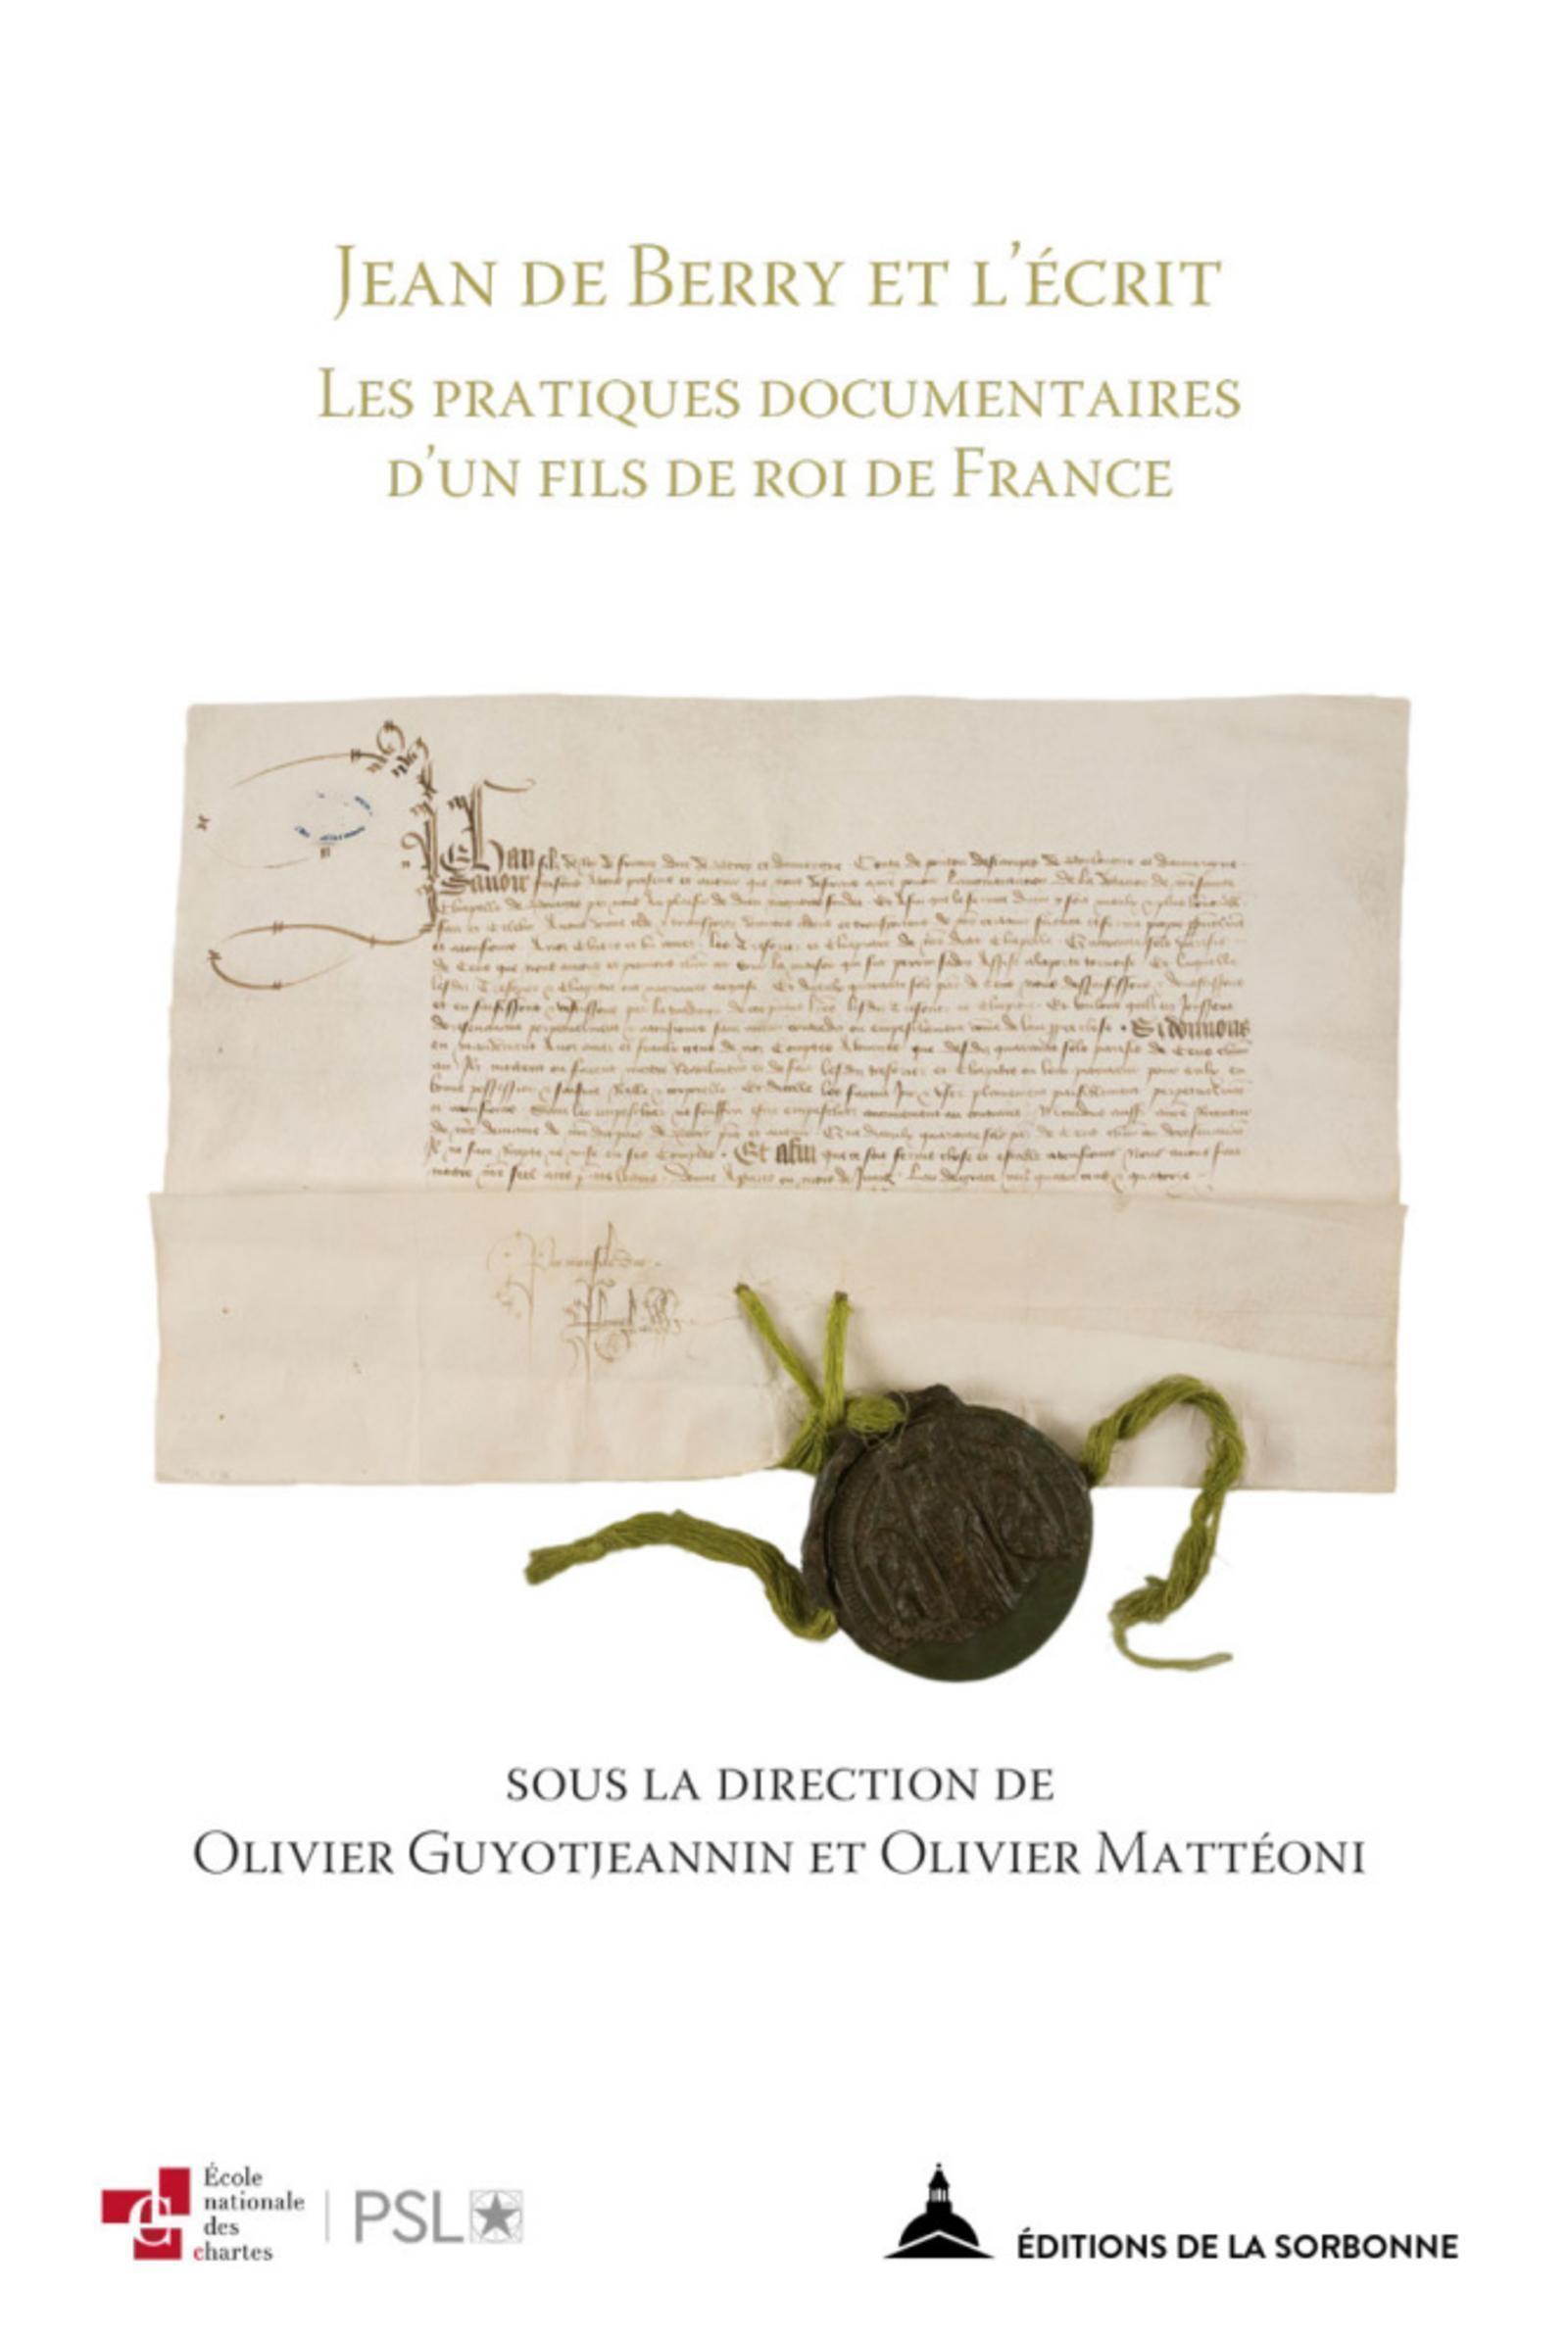 JEAN DE BERRY ET L ECRIT - LES PRATIQUES DOCUMENTAIRES D UN FILS DE ROI DE FRANCE